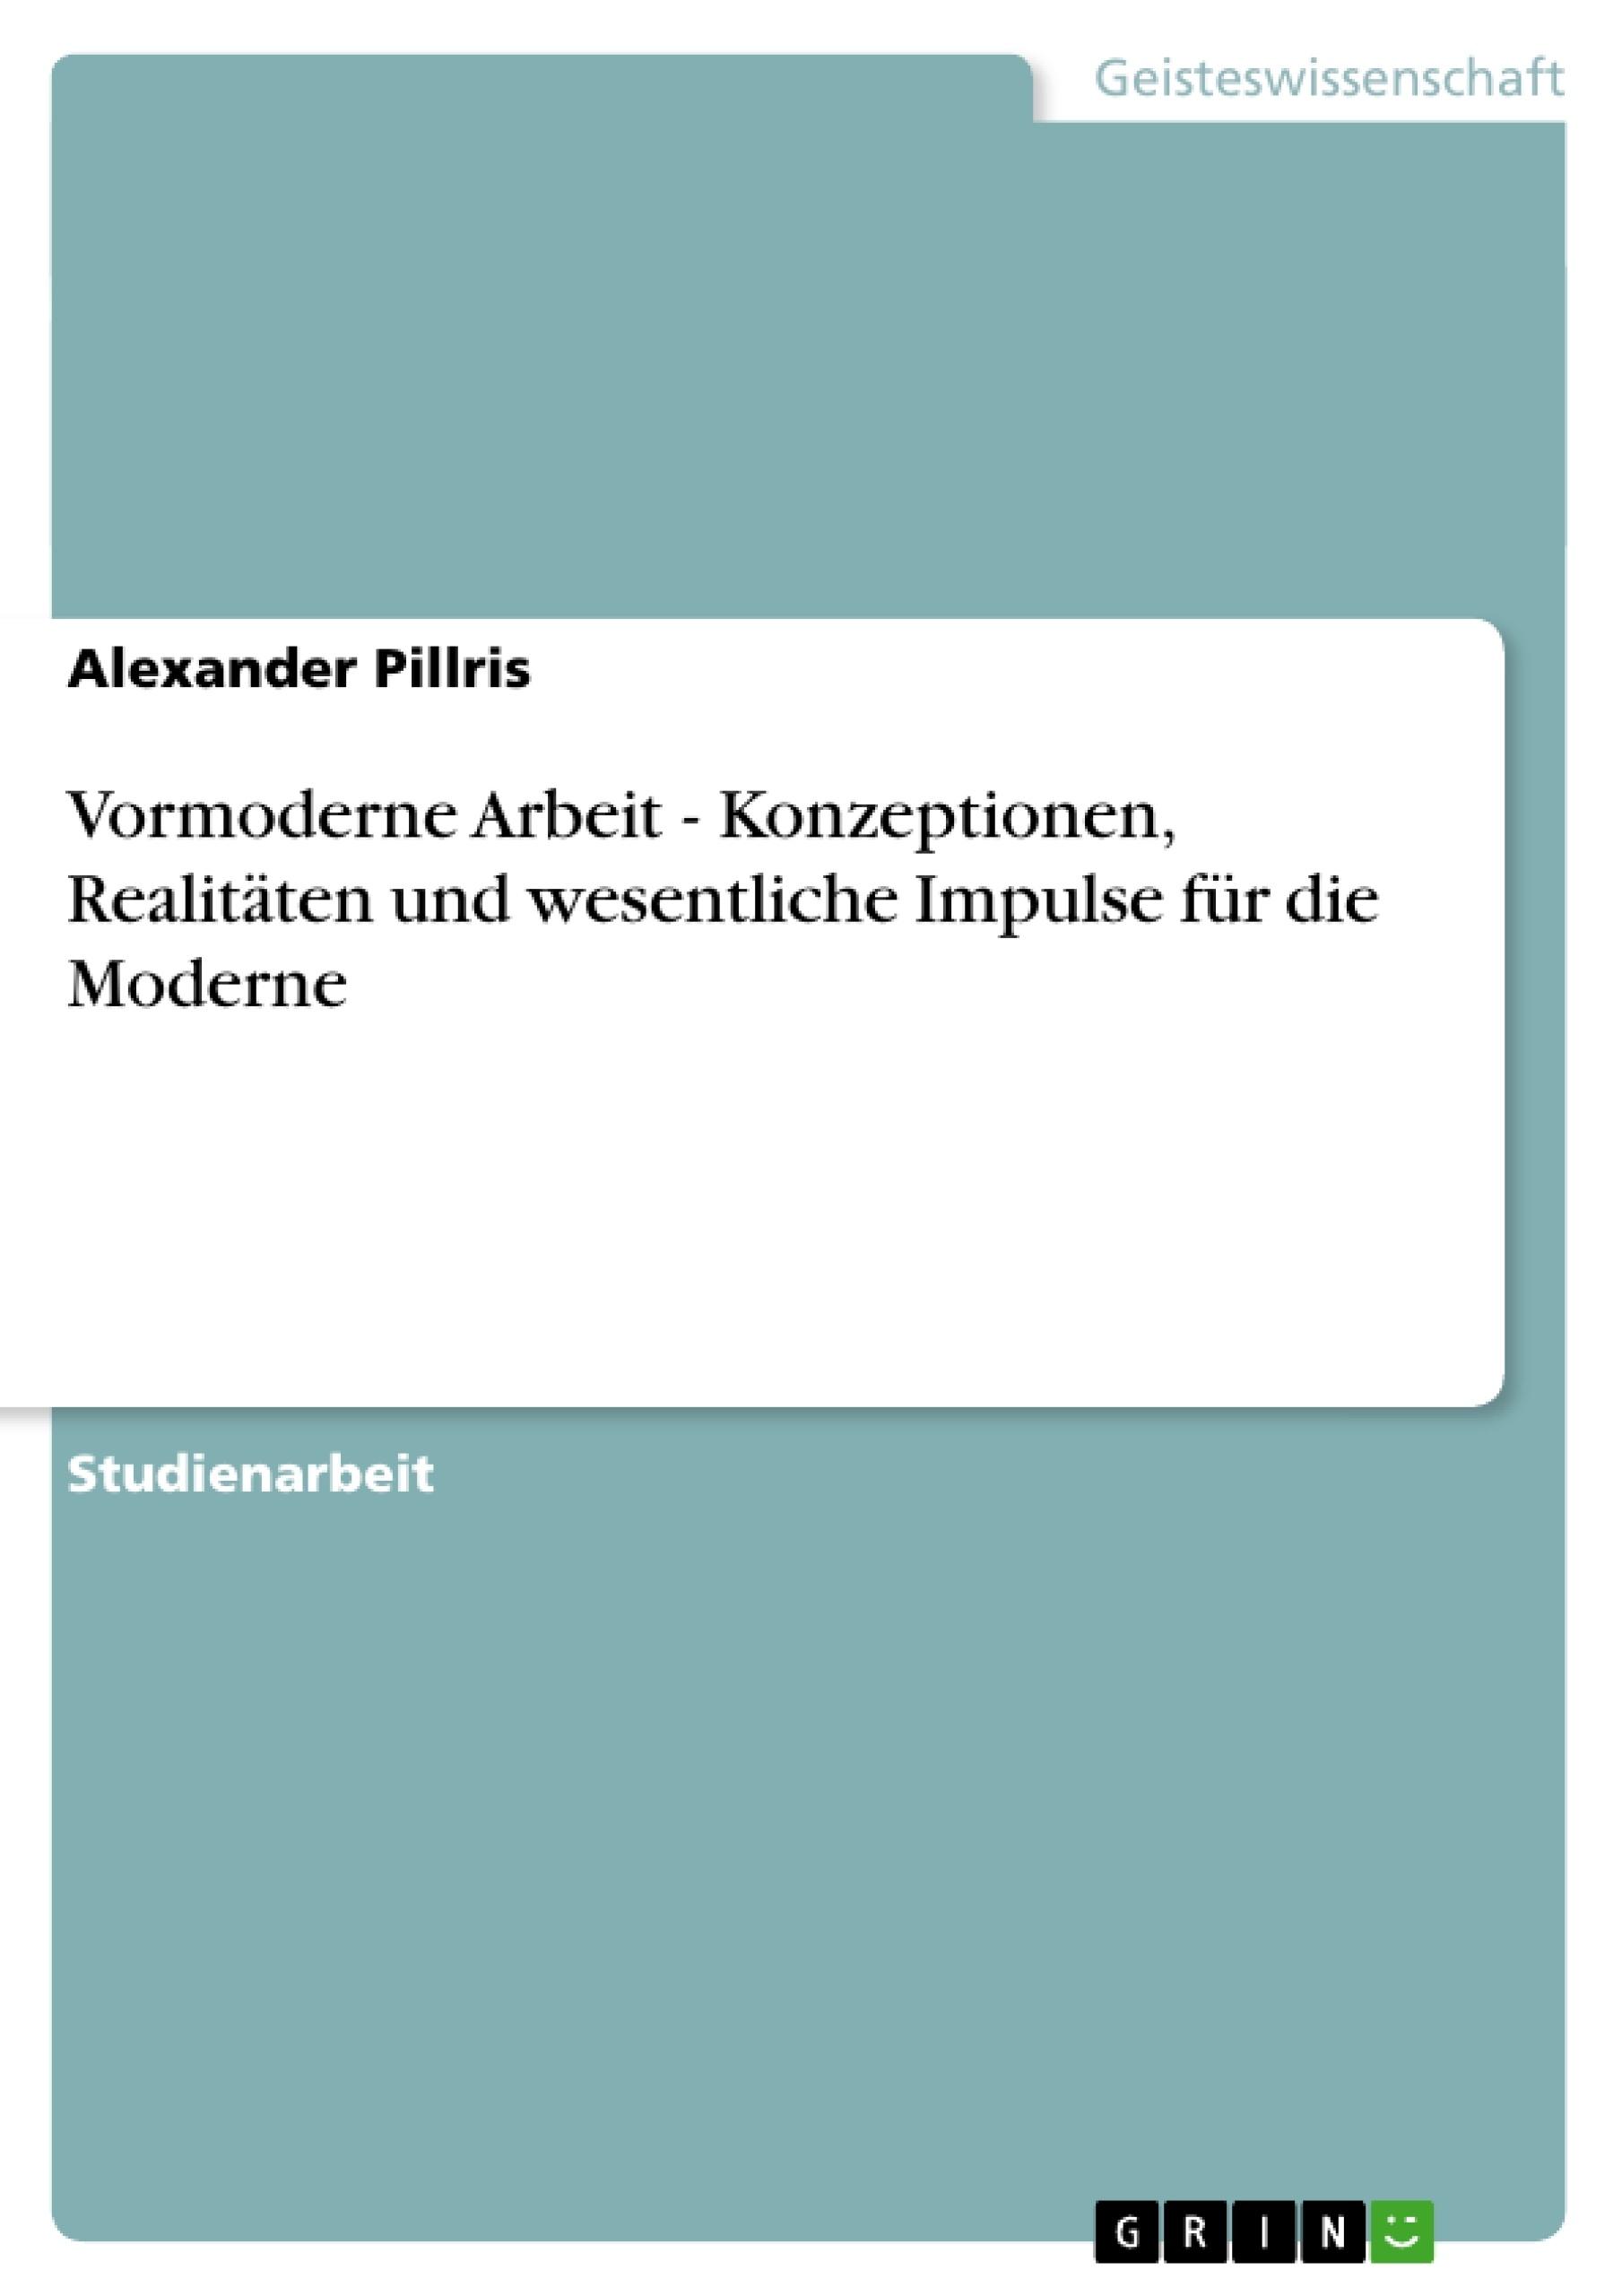 Titel: Vormoderne Arbeit - Konzeptionen, Realitäten und wesentliche Impulse für die Moderne